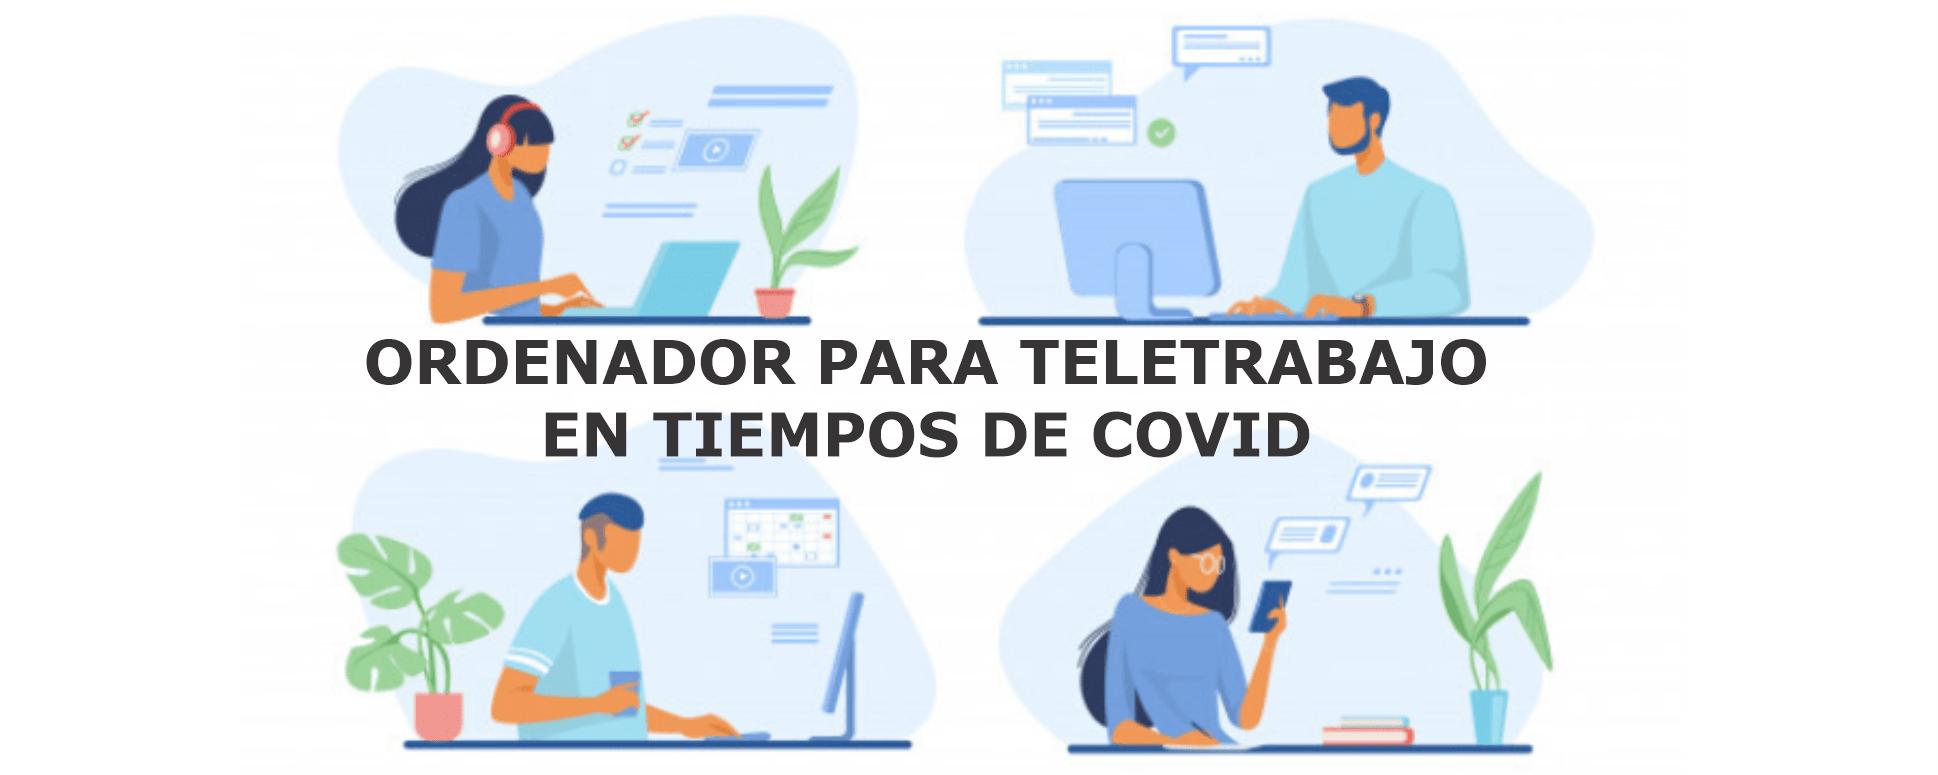 ORDENADOR DE SEGUNDA MANO PARA TELETRABAJO